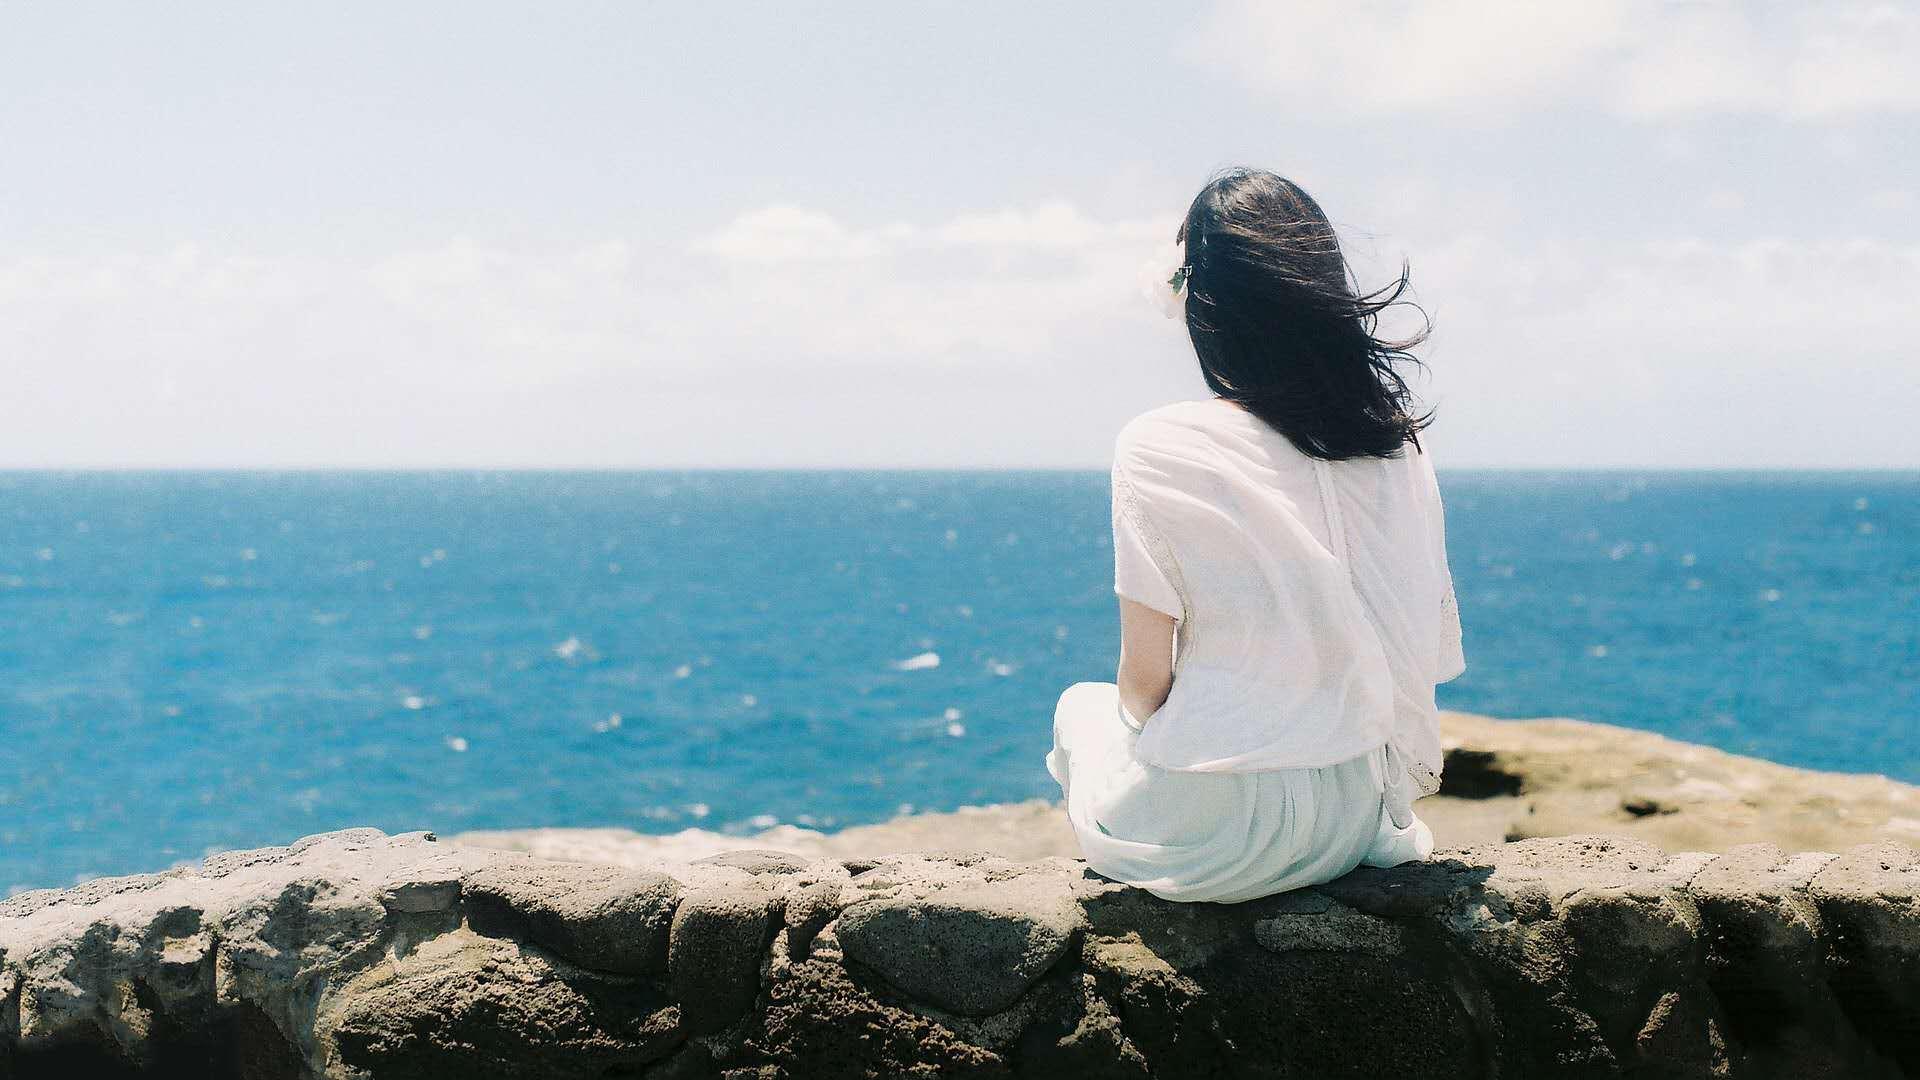 從來不念舊情的星座,一旦分開了很難再和好,很容易淪為陌生人